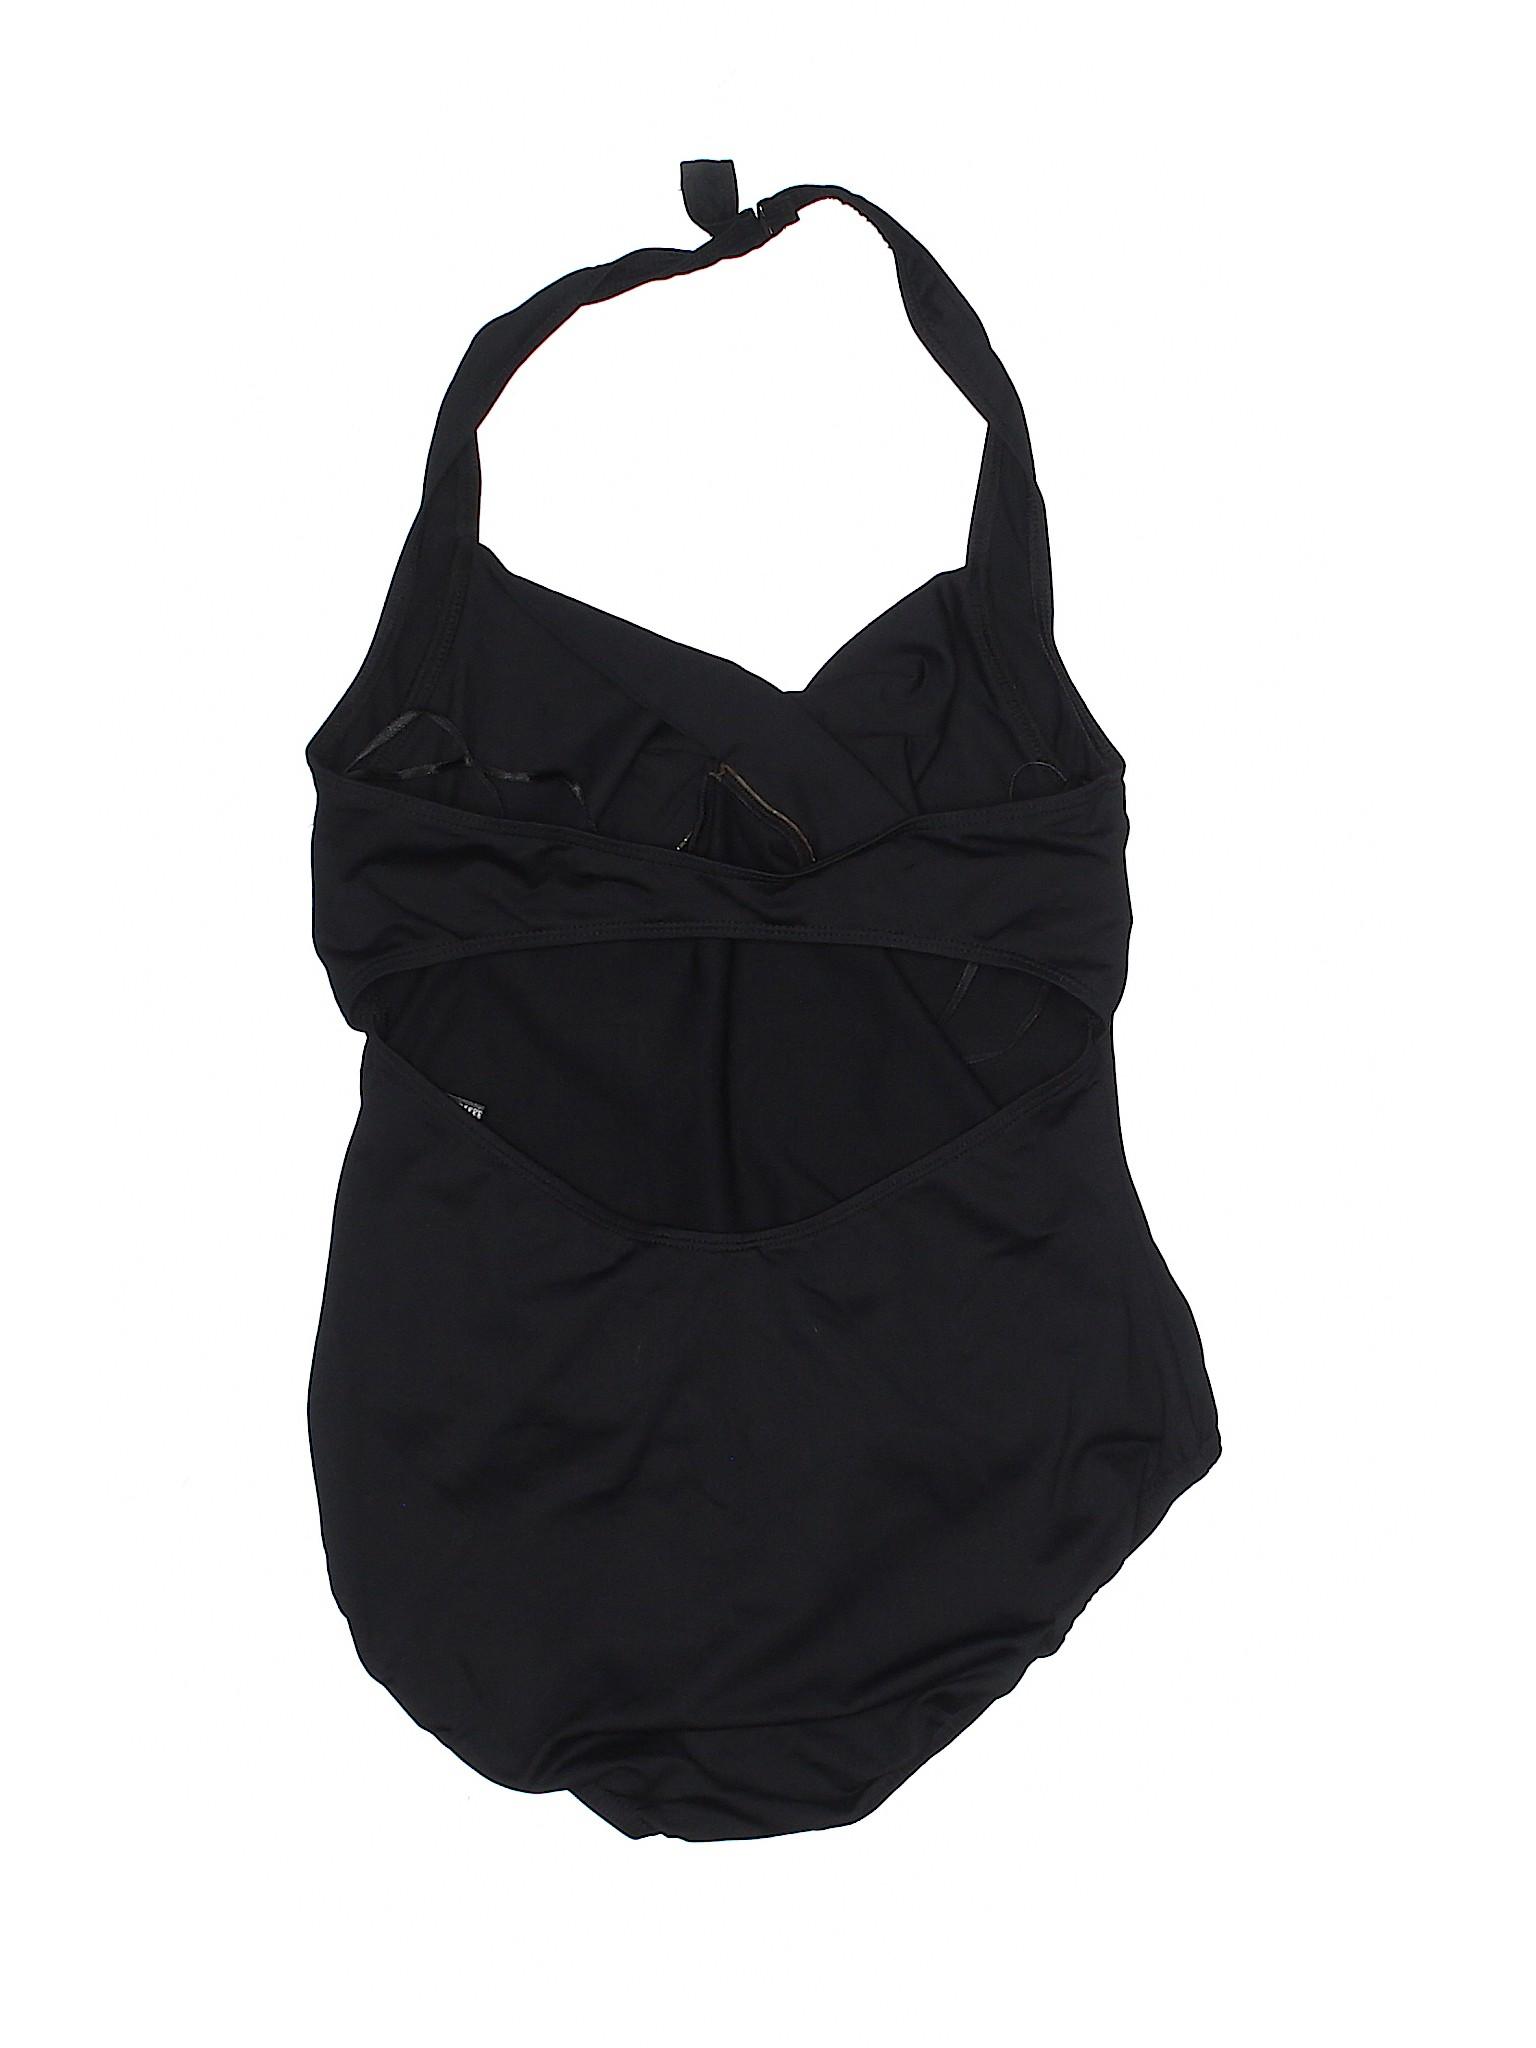 Bloch One Boutique Boutique Bloch Swimsuit Piece qwE7fw8pn